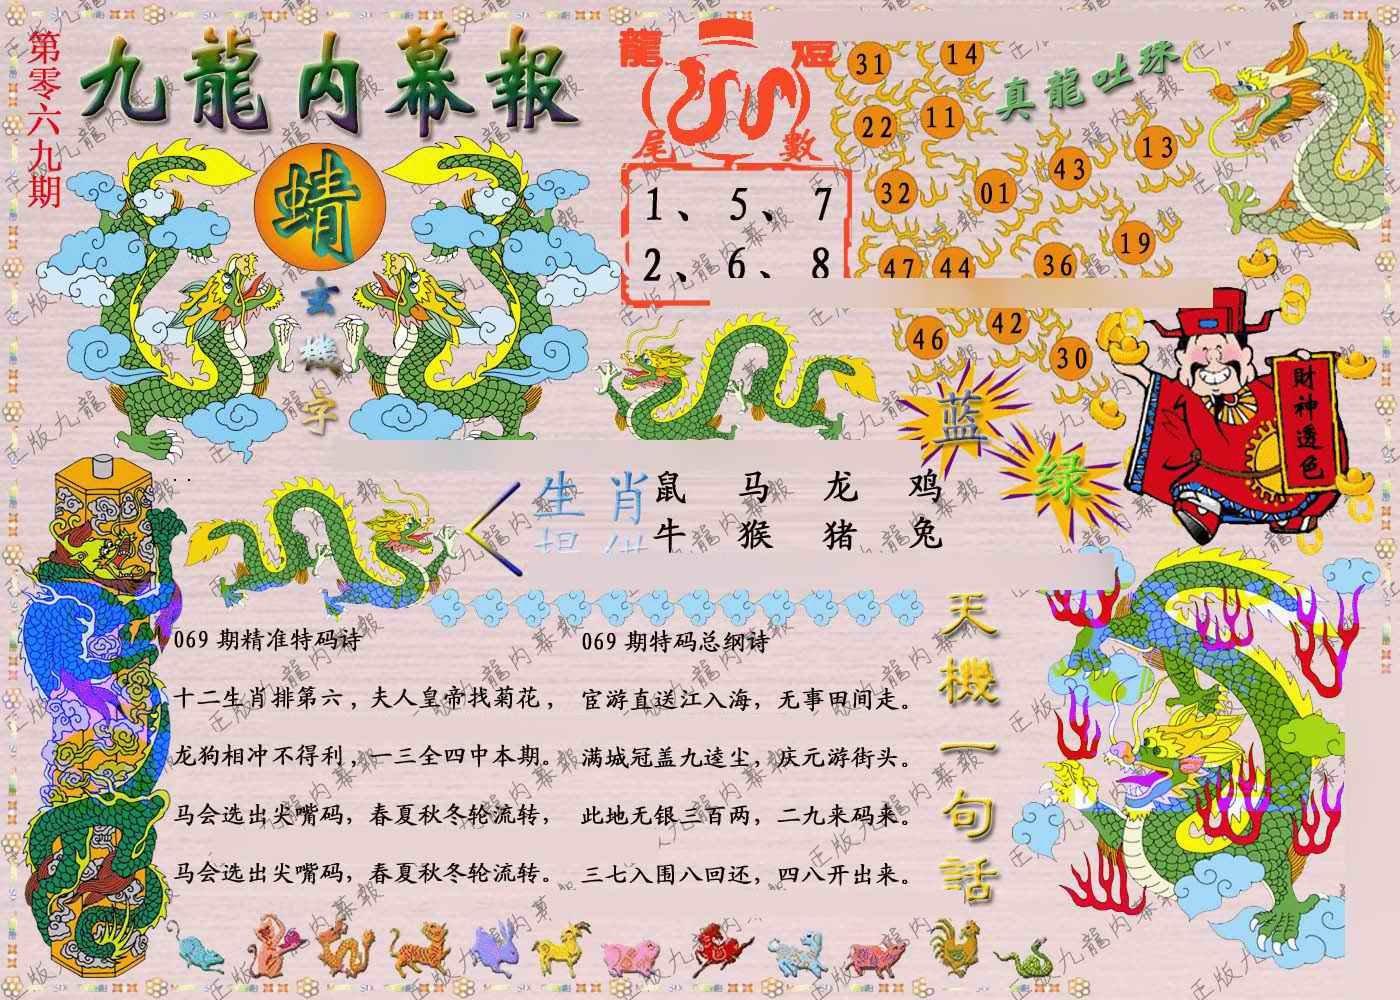 069期正版九龙内幕报